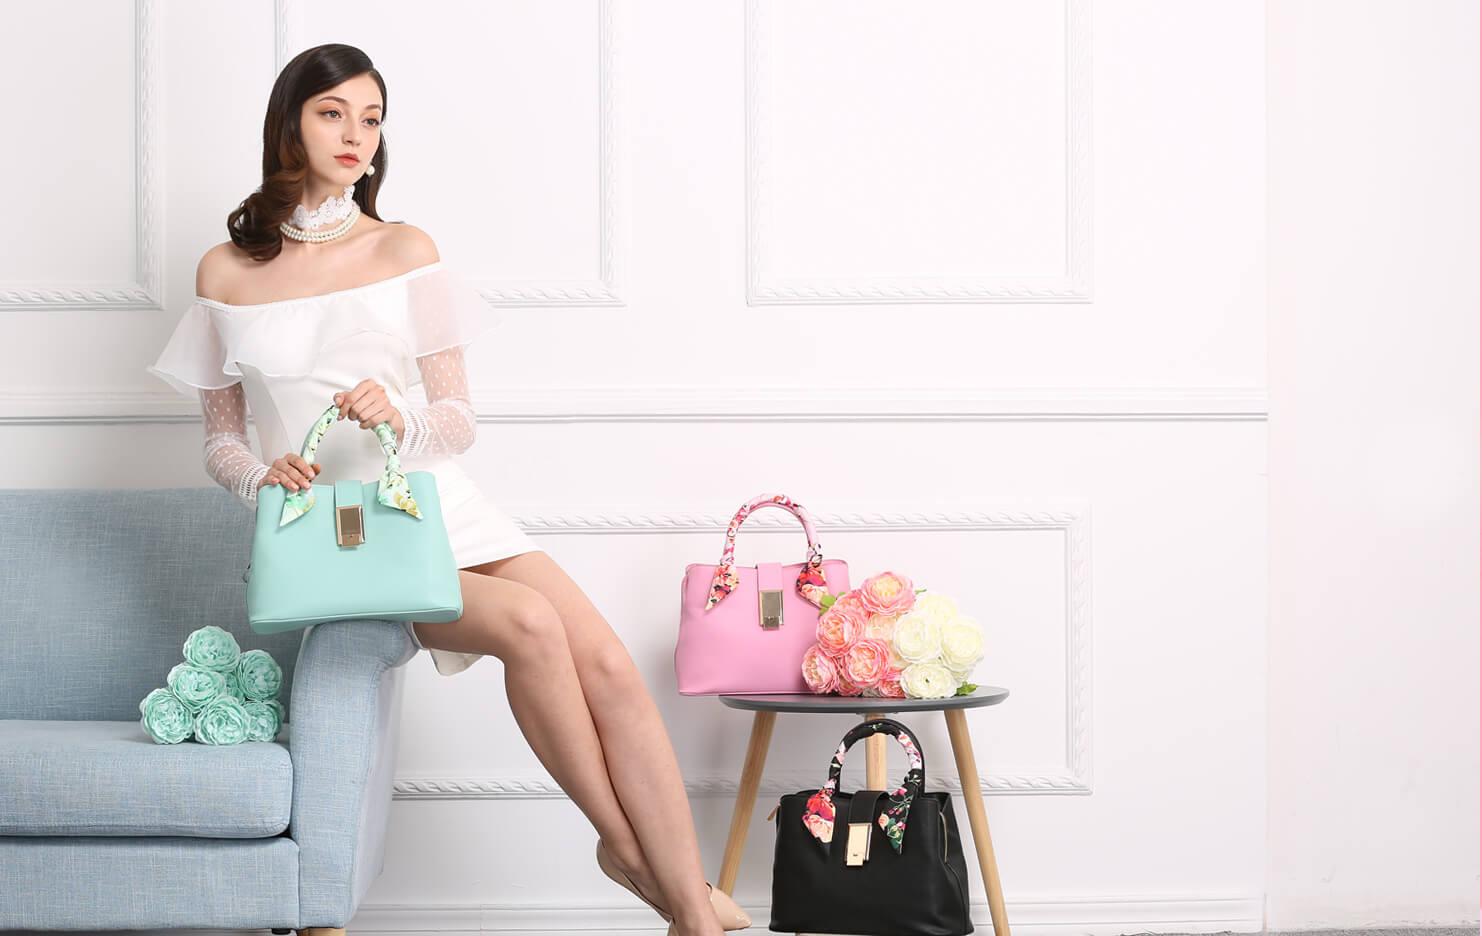 2017年夏季手袋潮流 Fancy Rosy花花刺繡為妳的穿搭錦上添花!